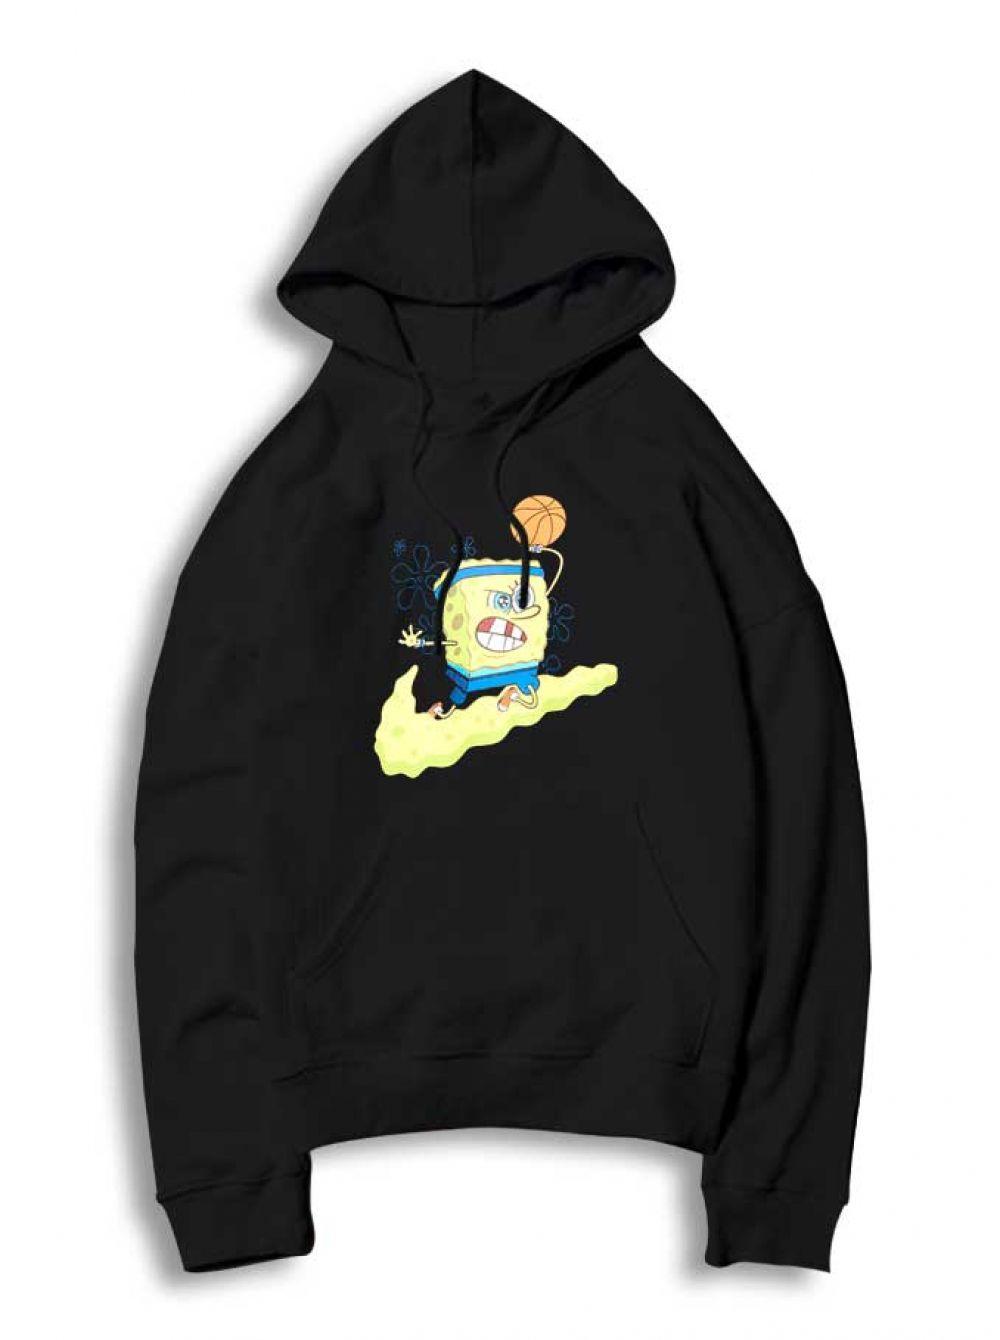 spongebob x nike sweatshirt